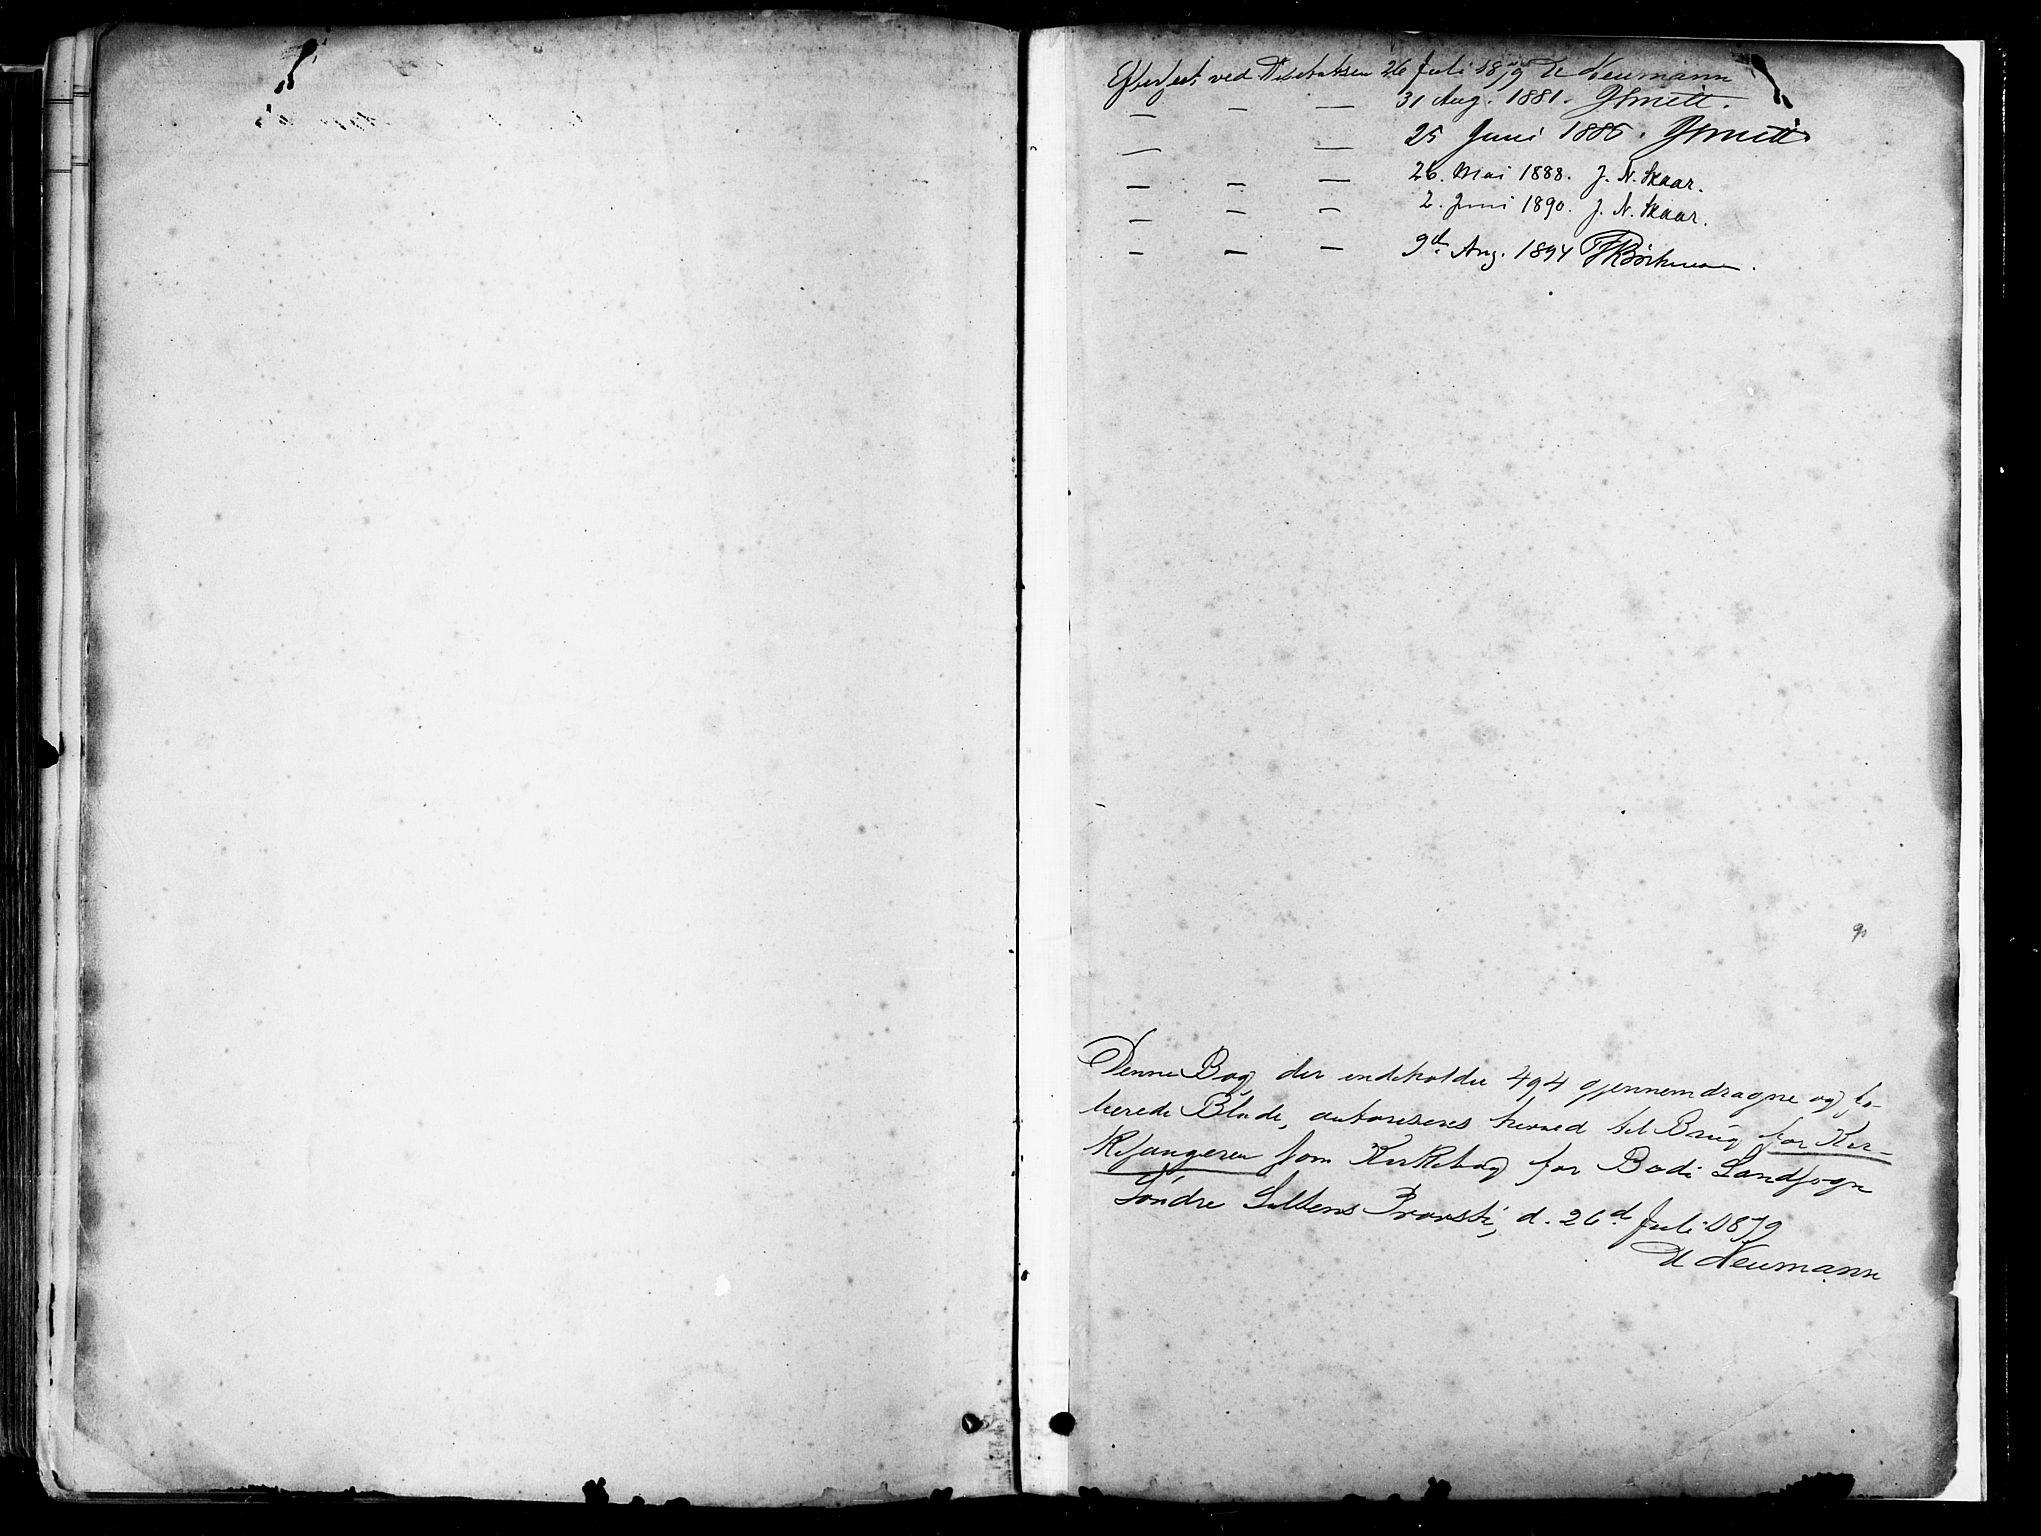 SAT, Ministerialprotokoller, klokkerbøker og fødselsregistre - Nordland, 802/L0054: Parish register (official) no. 802A01, 1879-1893